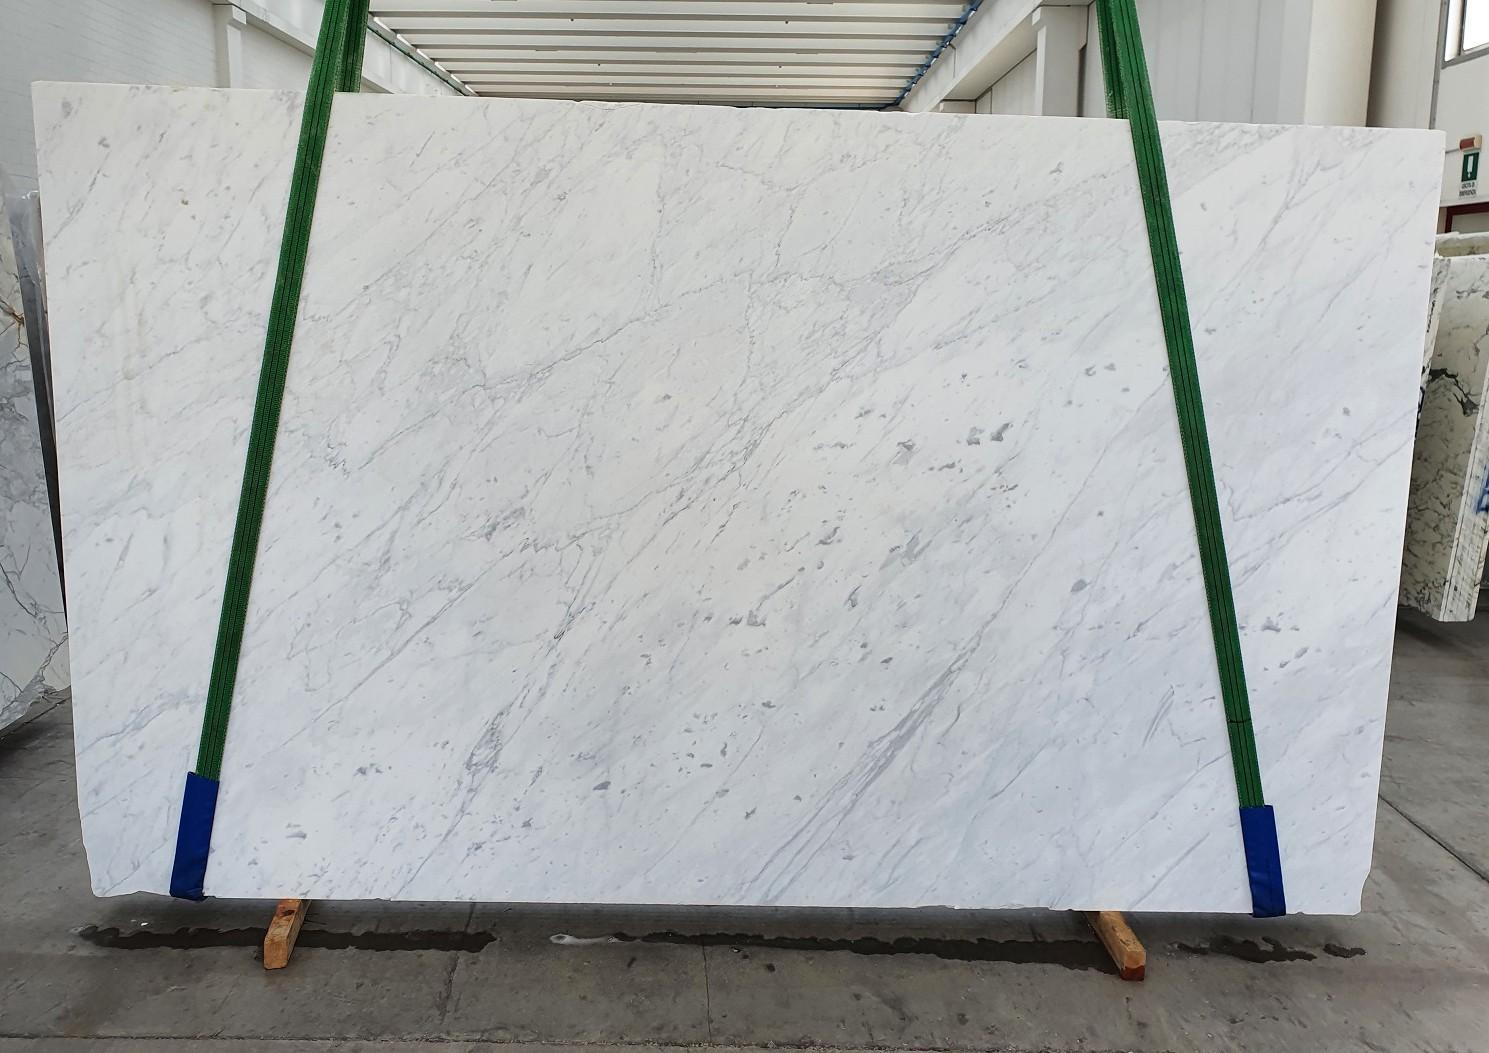 BIANCO CARRARA C polierte Unmaßplatten 1441 aus Natur Marmor , Slab #14: Lieferung Veneto, Italien